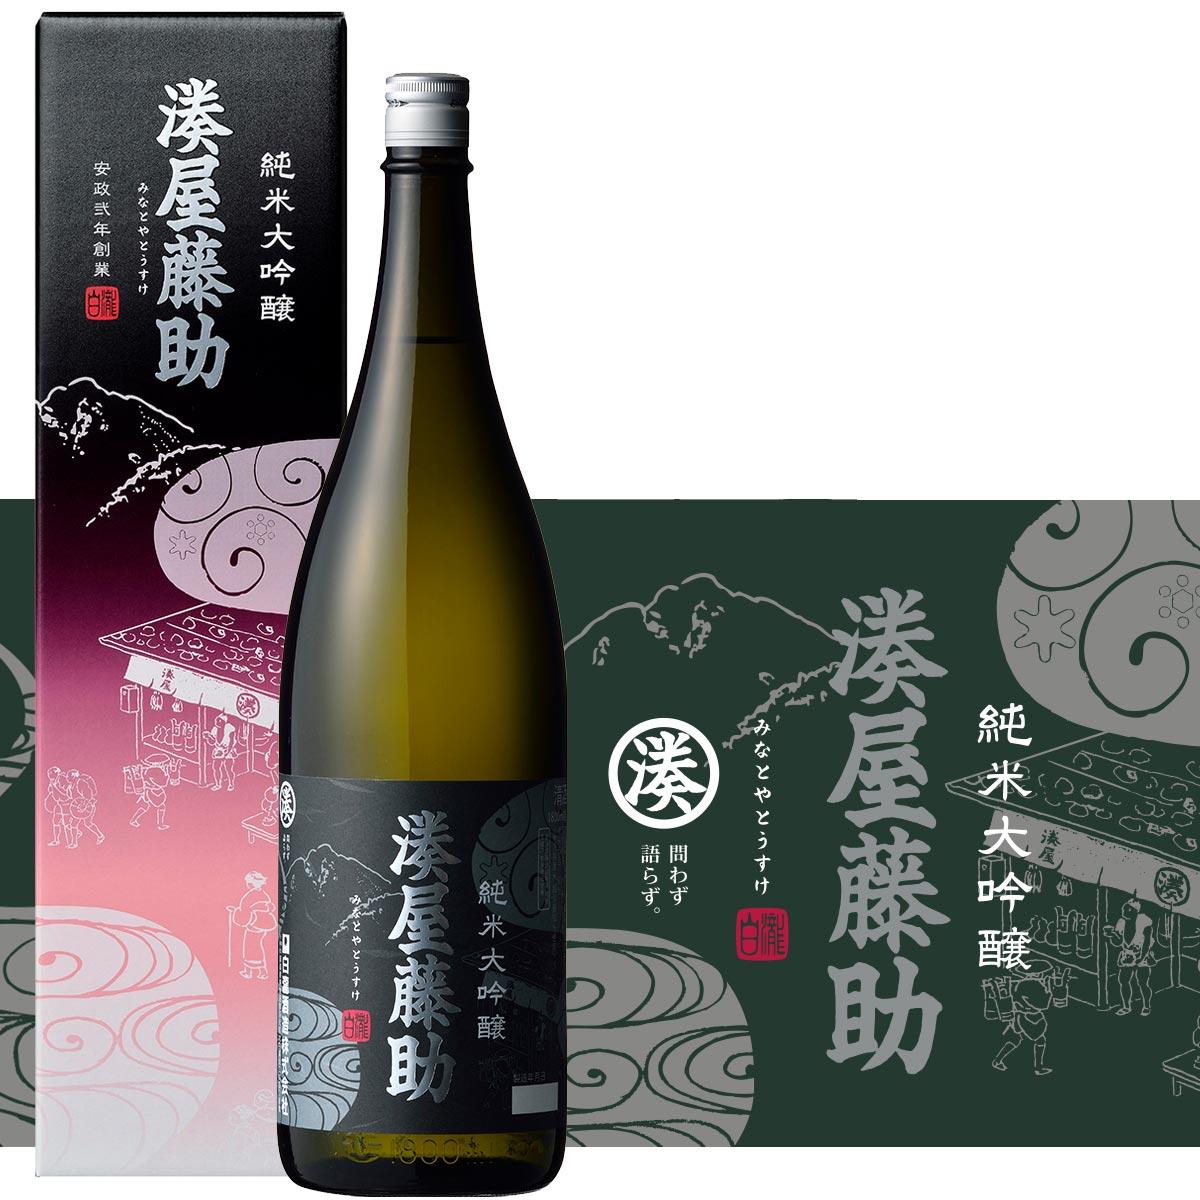 【白瀧酒造】 湊屋藤助 純米大吟醸 1800ml 日本酒 ギフト 新潟